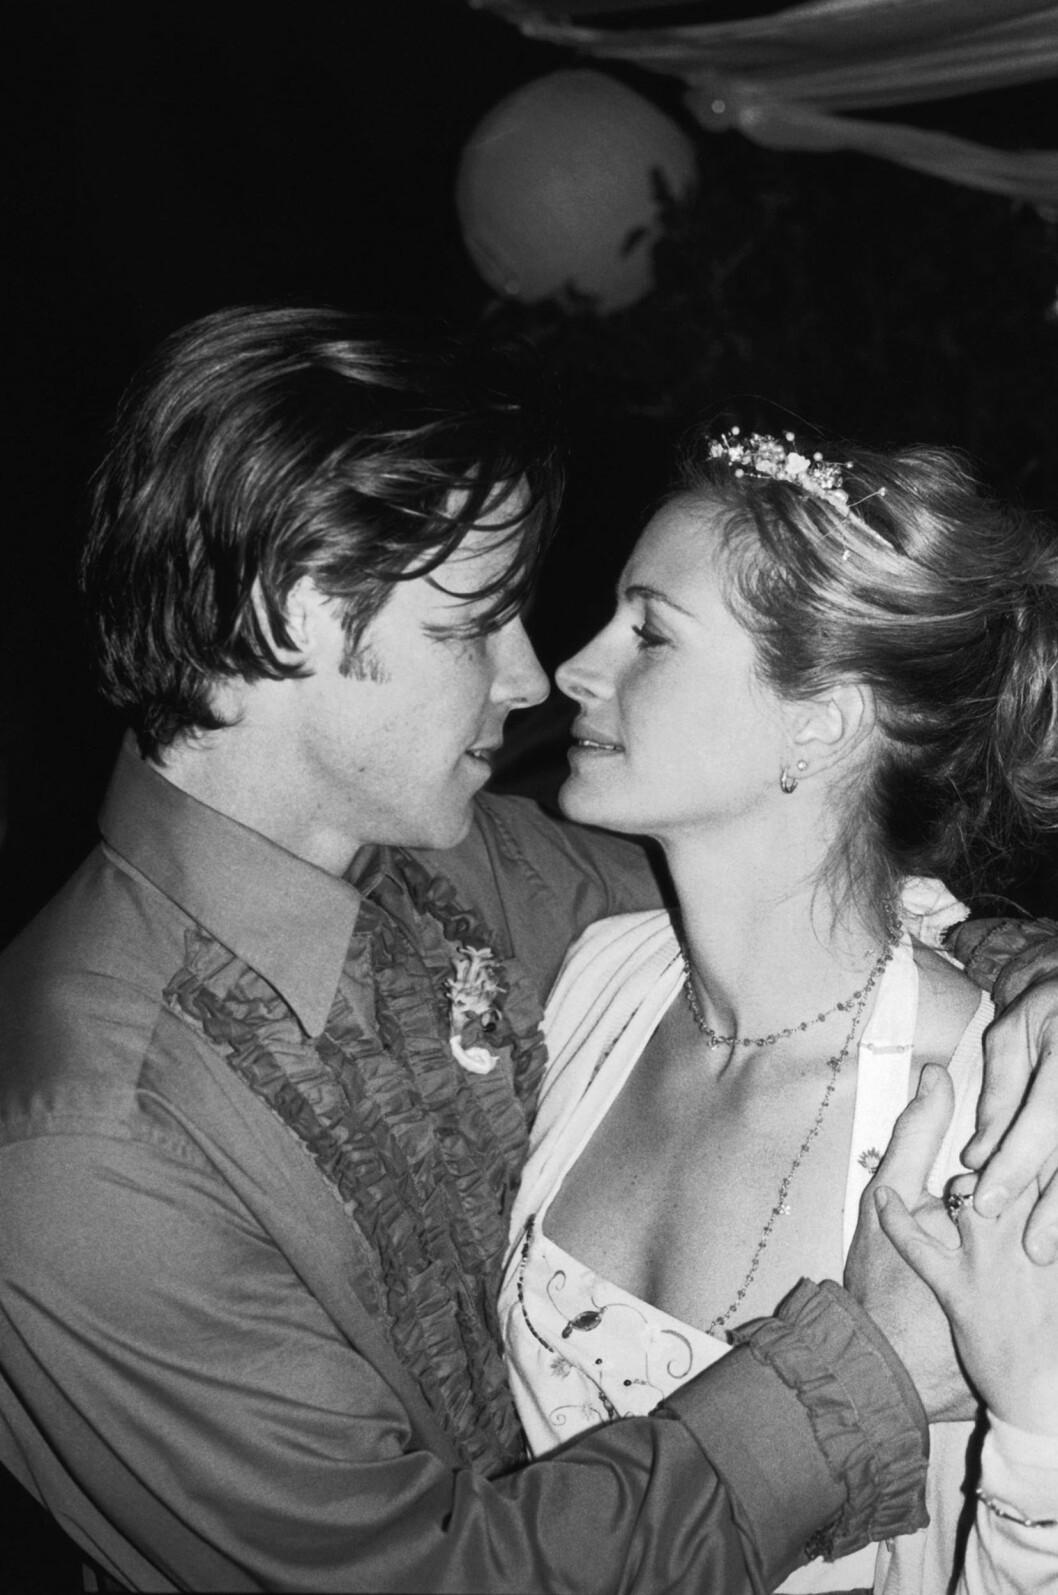 Julia giftet seg med Daniel Moder i 2002.